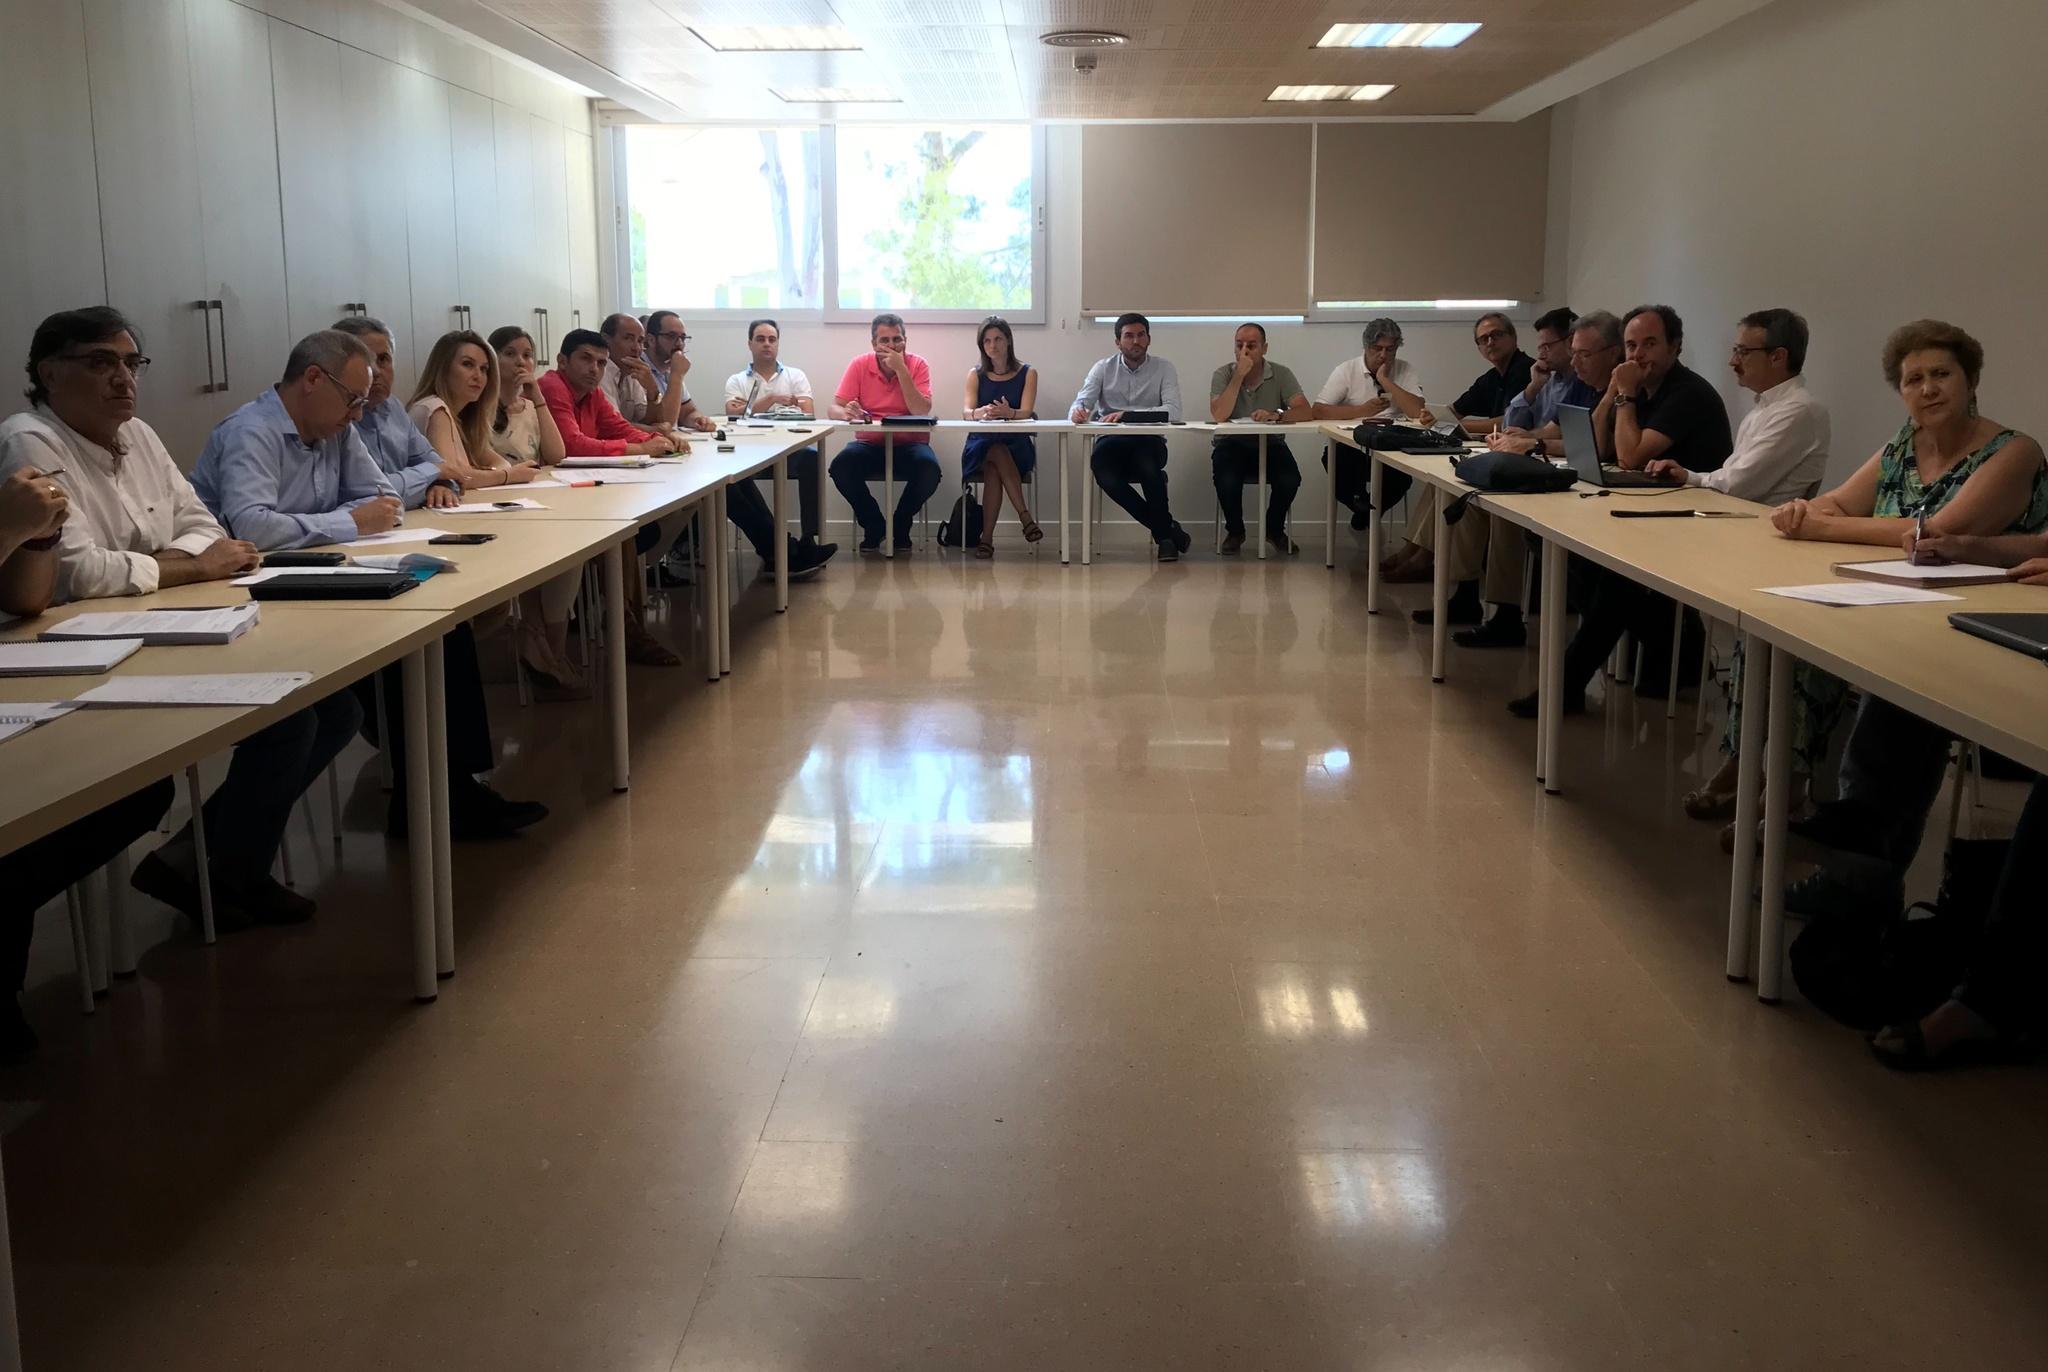 Un momento de la reunión del Comité Científico del Mar Menor. Imagen: CARM